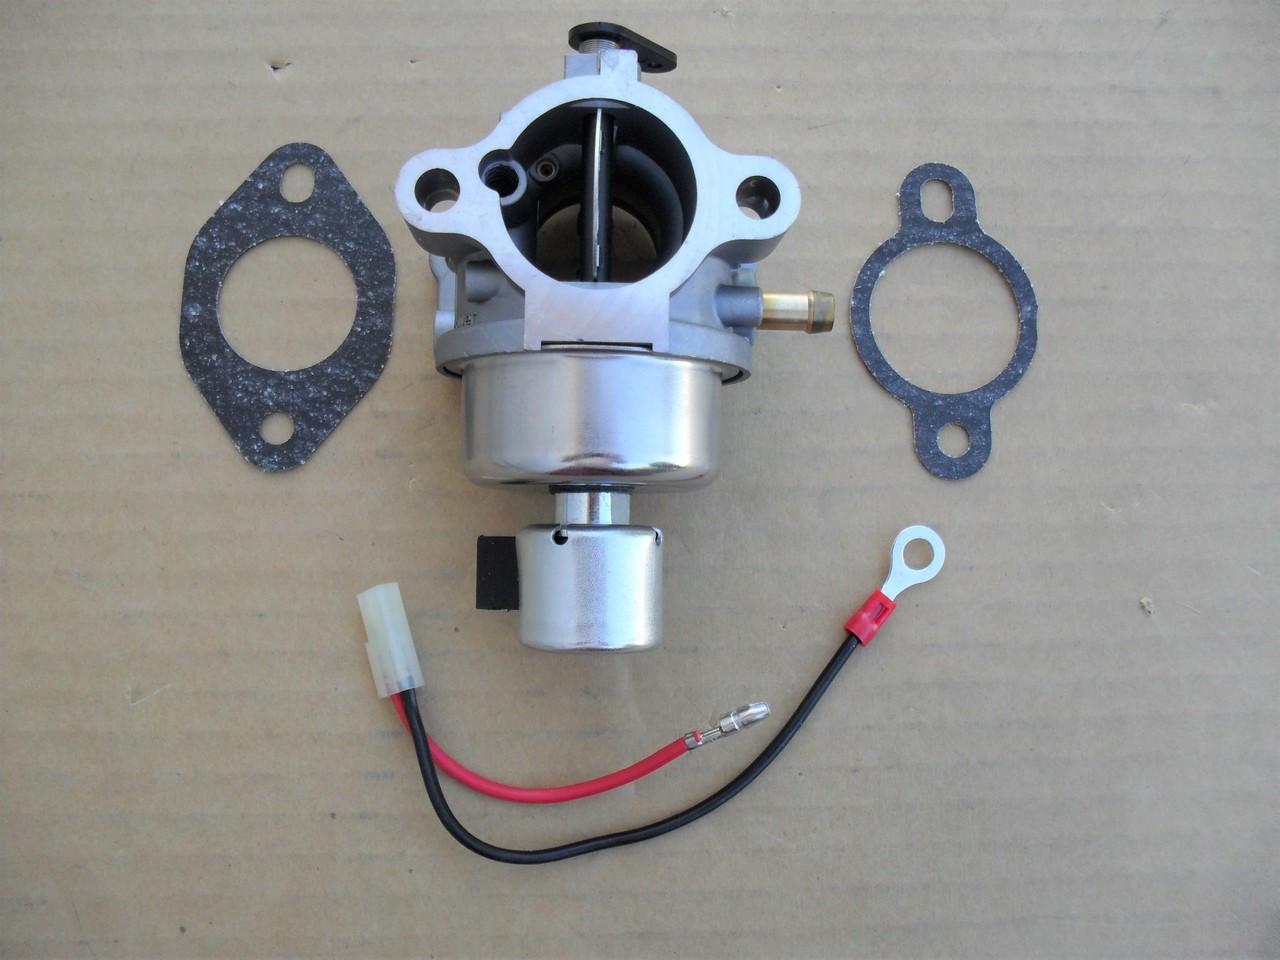 New Carburetor Carb for Courage Kohler 20-853-33-S SV530 SV540 SV600